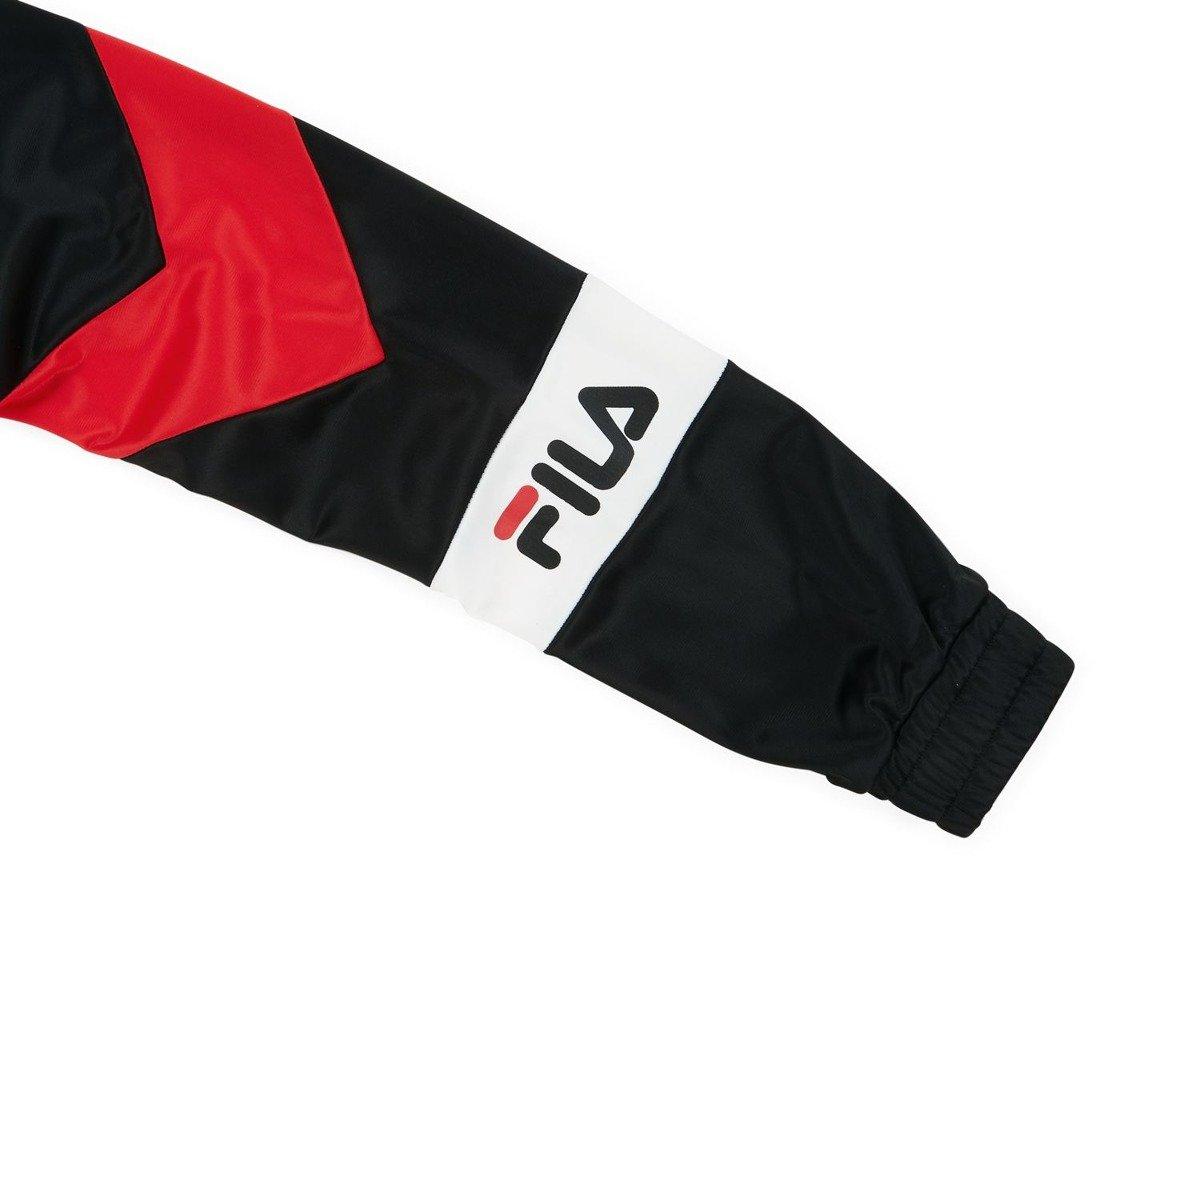 bluza fila talbot track jacket